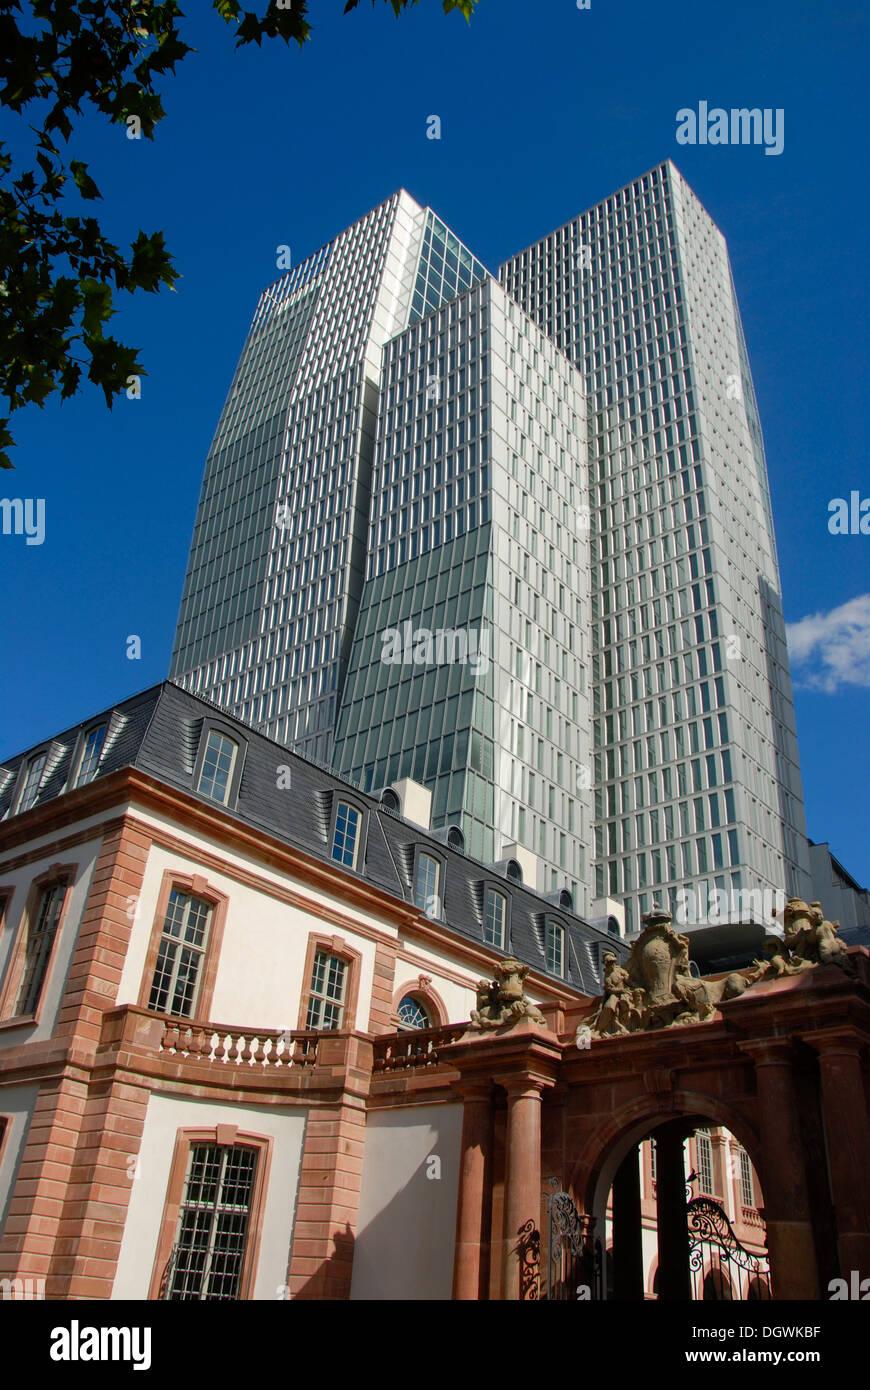 Tradition und moderne, Portal, kürzlich renovierte Palais Thurn & Taxis, Office Tower, PalaisQuartier, Innenstadt Stockbild